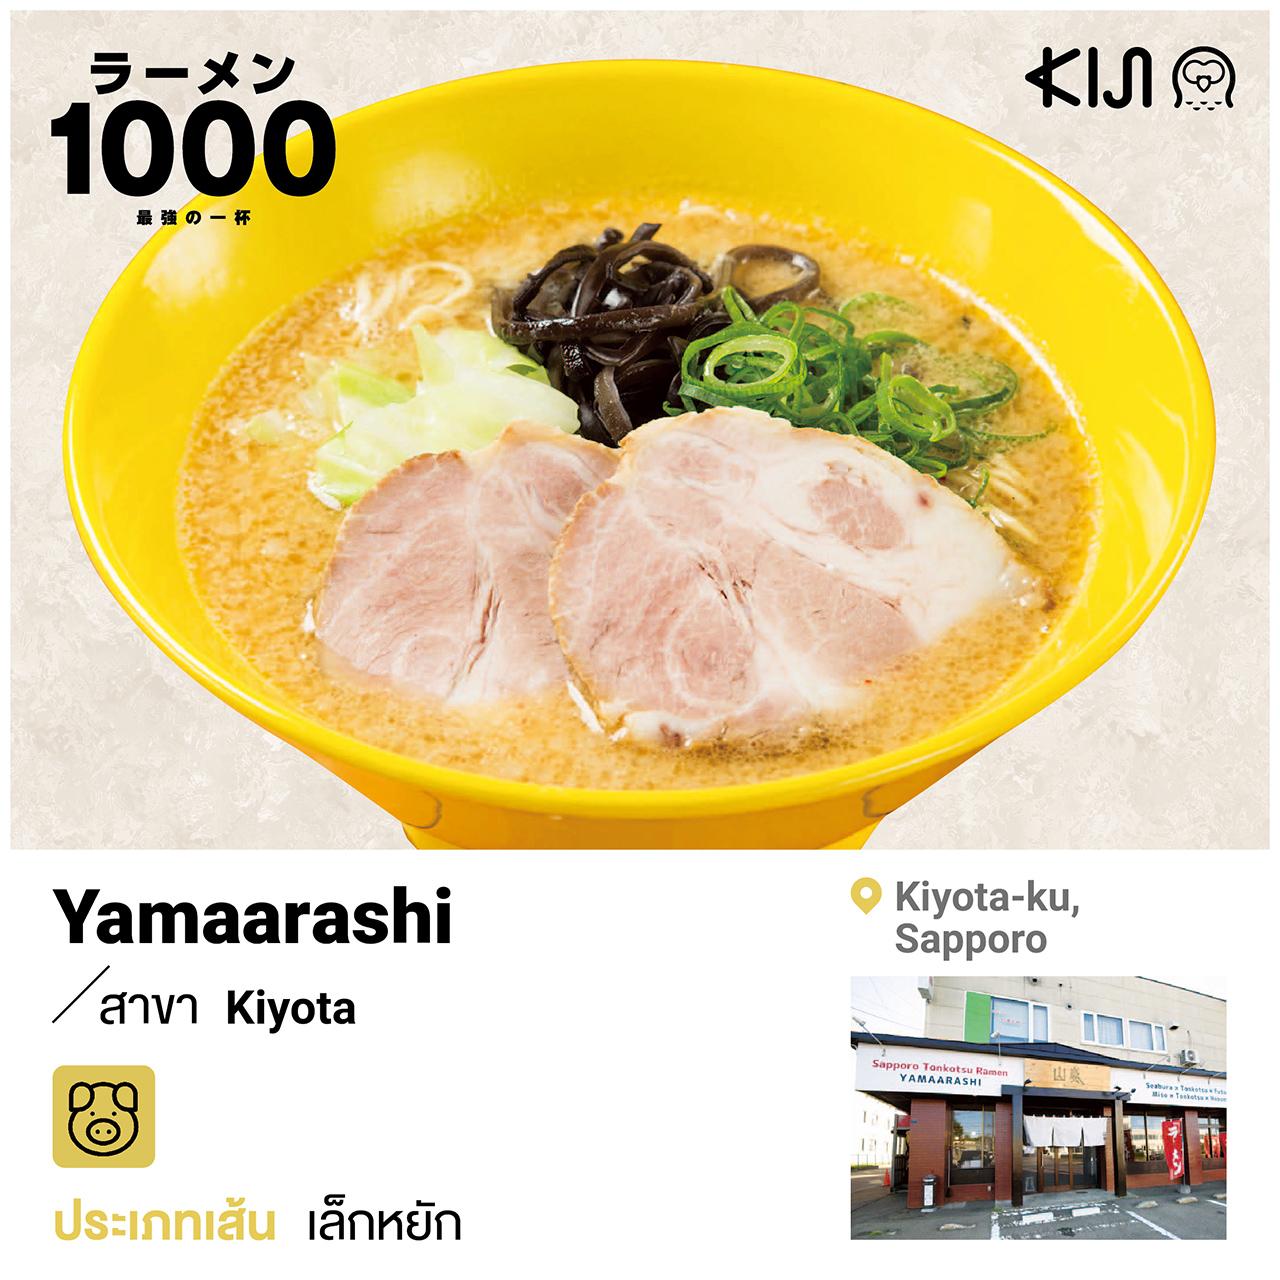 ร้านราเมนในฮอกไกโด - Yamaarashi สาขา Kiyota